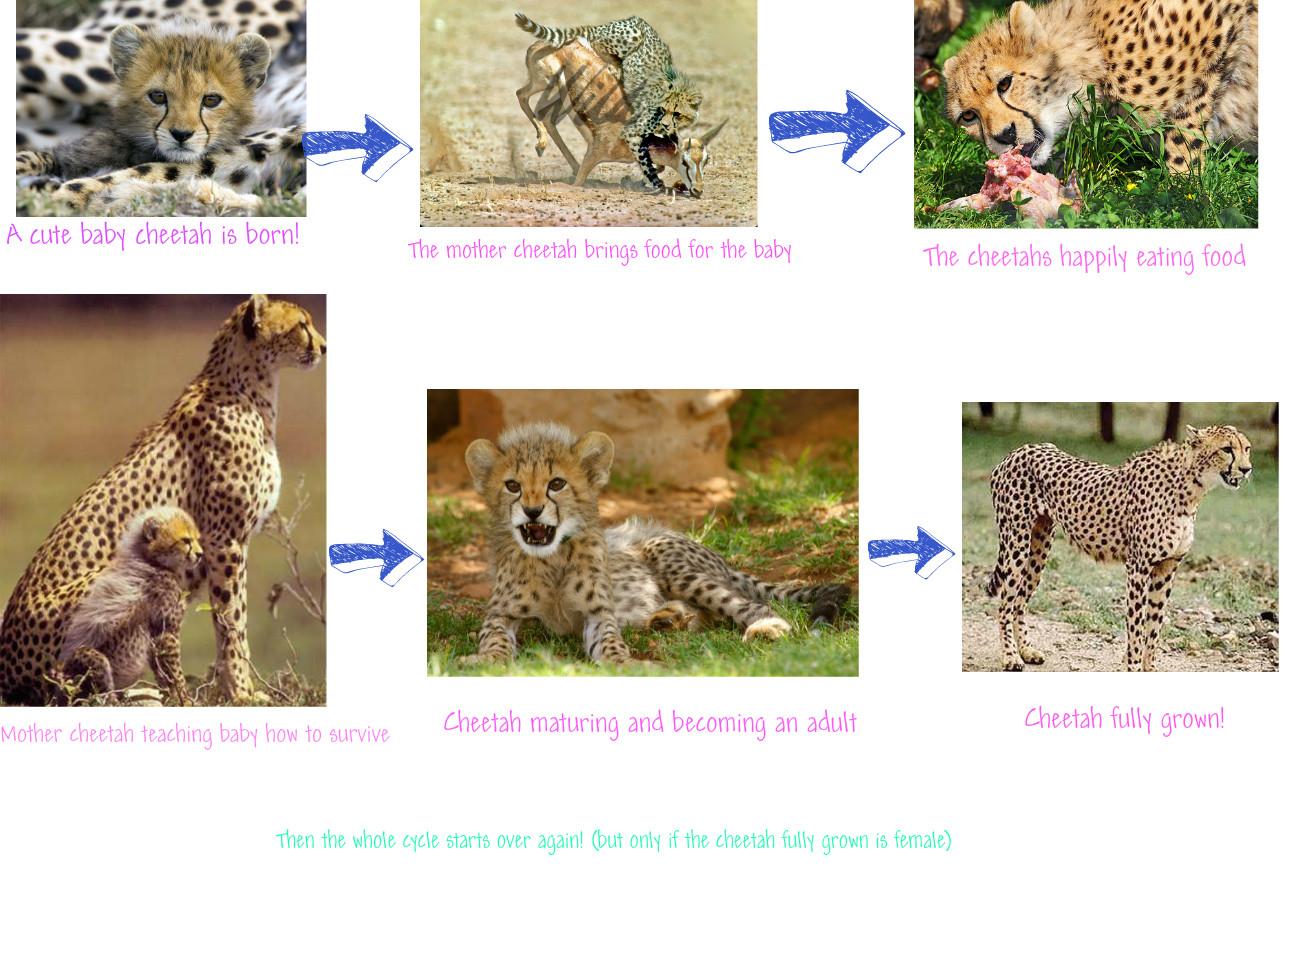 Cheetah life cycle chart - photo#2